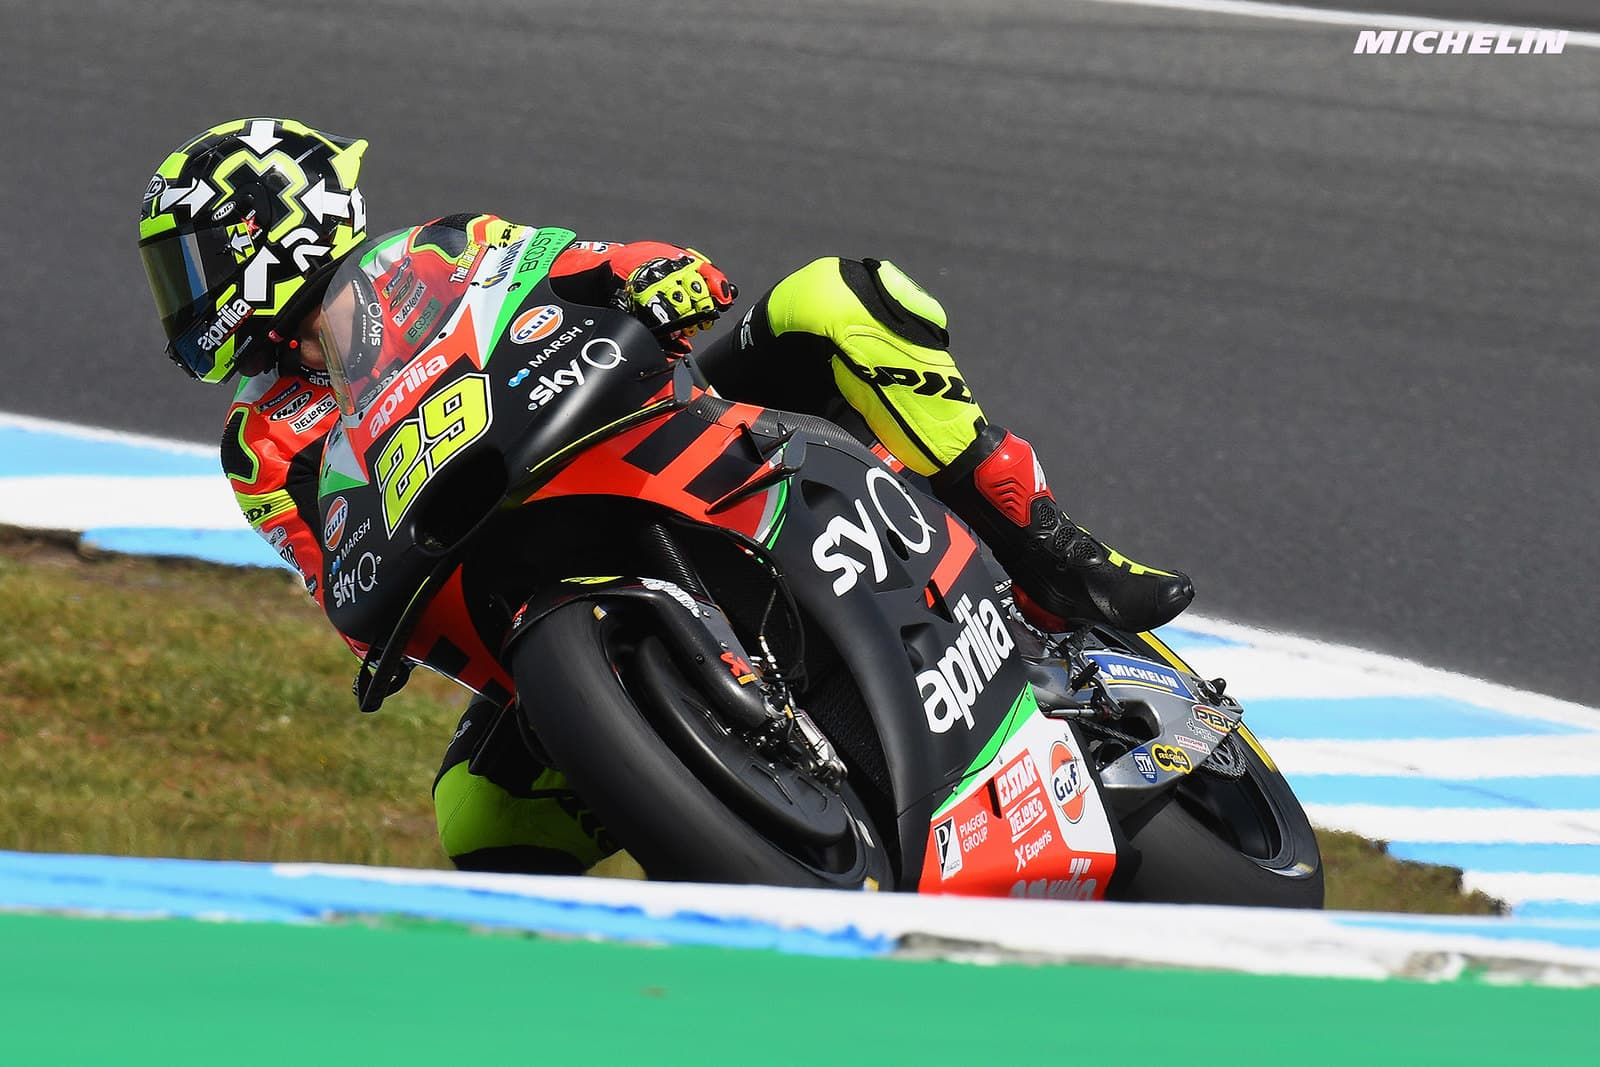 MotoGP2019オーストラリアGP 6位イアンノーネ「アプリリアでフロントを走行出来たのは最高だった」